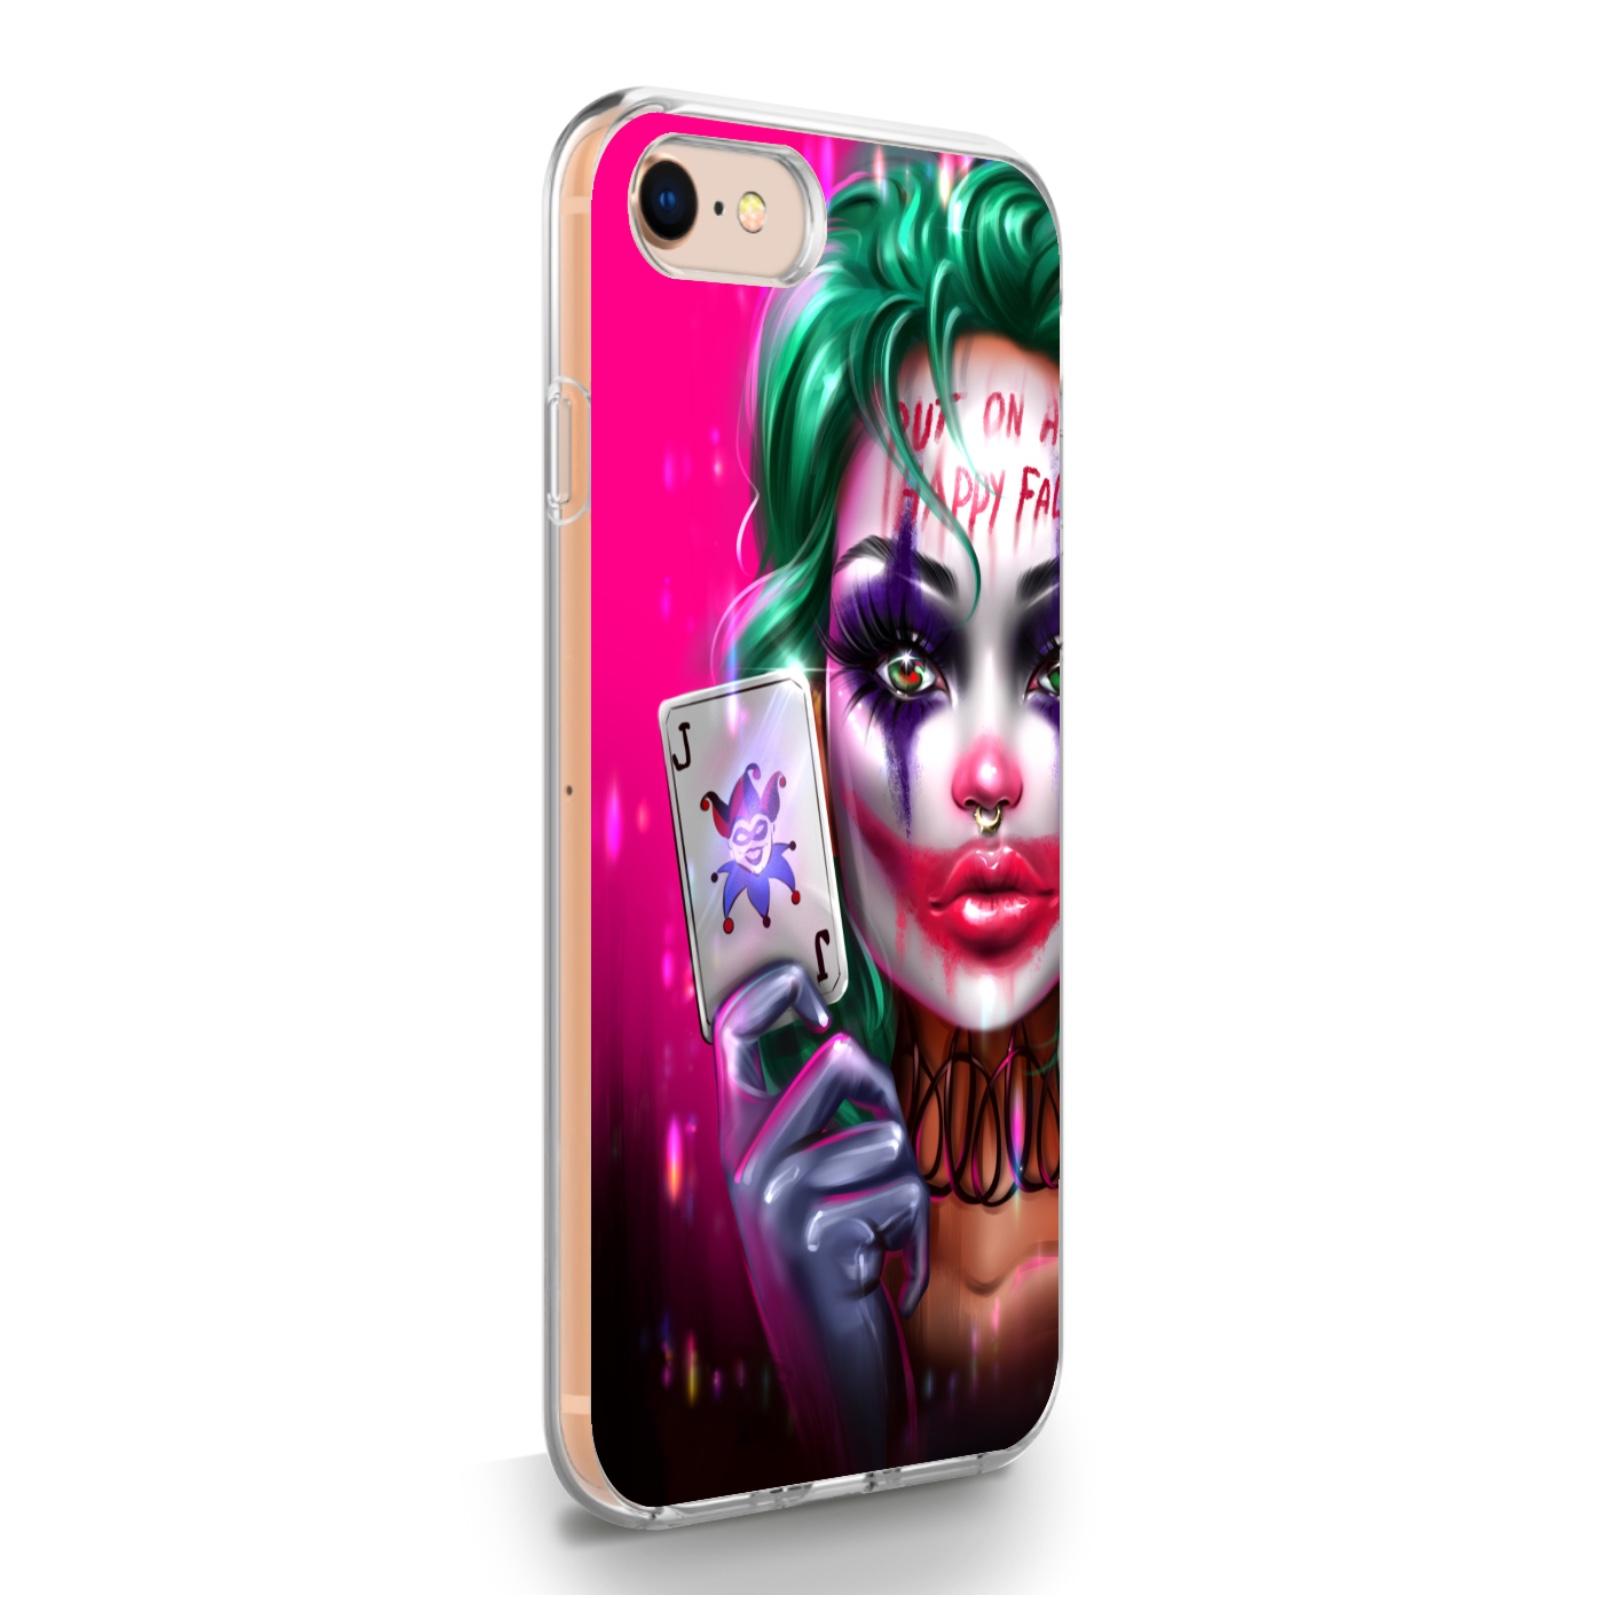 Прозрачный силиконовый чехол для iPhone 7/8/SE2020 JokerGirl/ Харли Квин для Айфон 7/8/СЕ2020